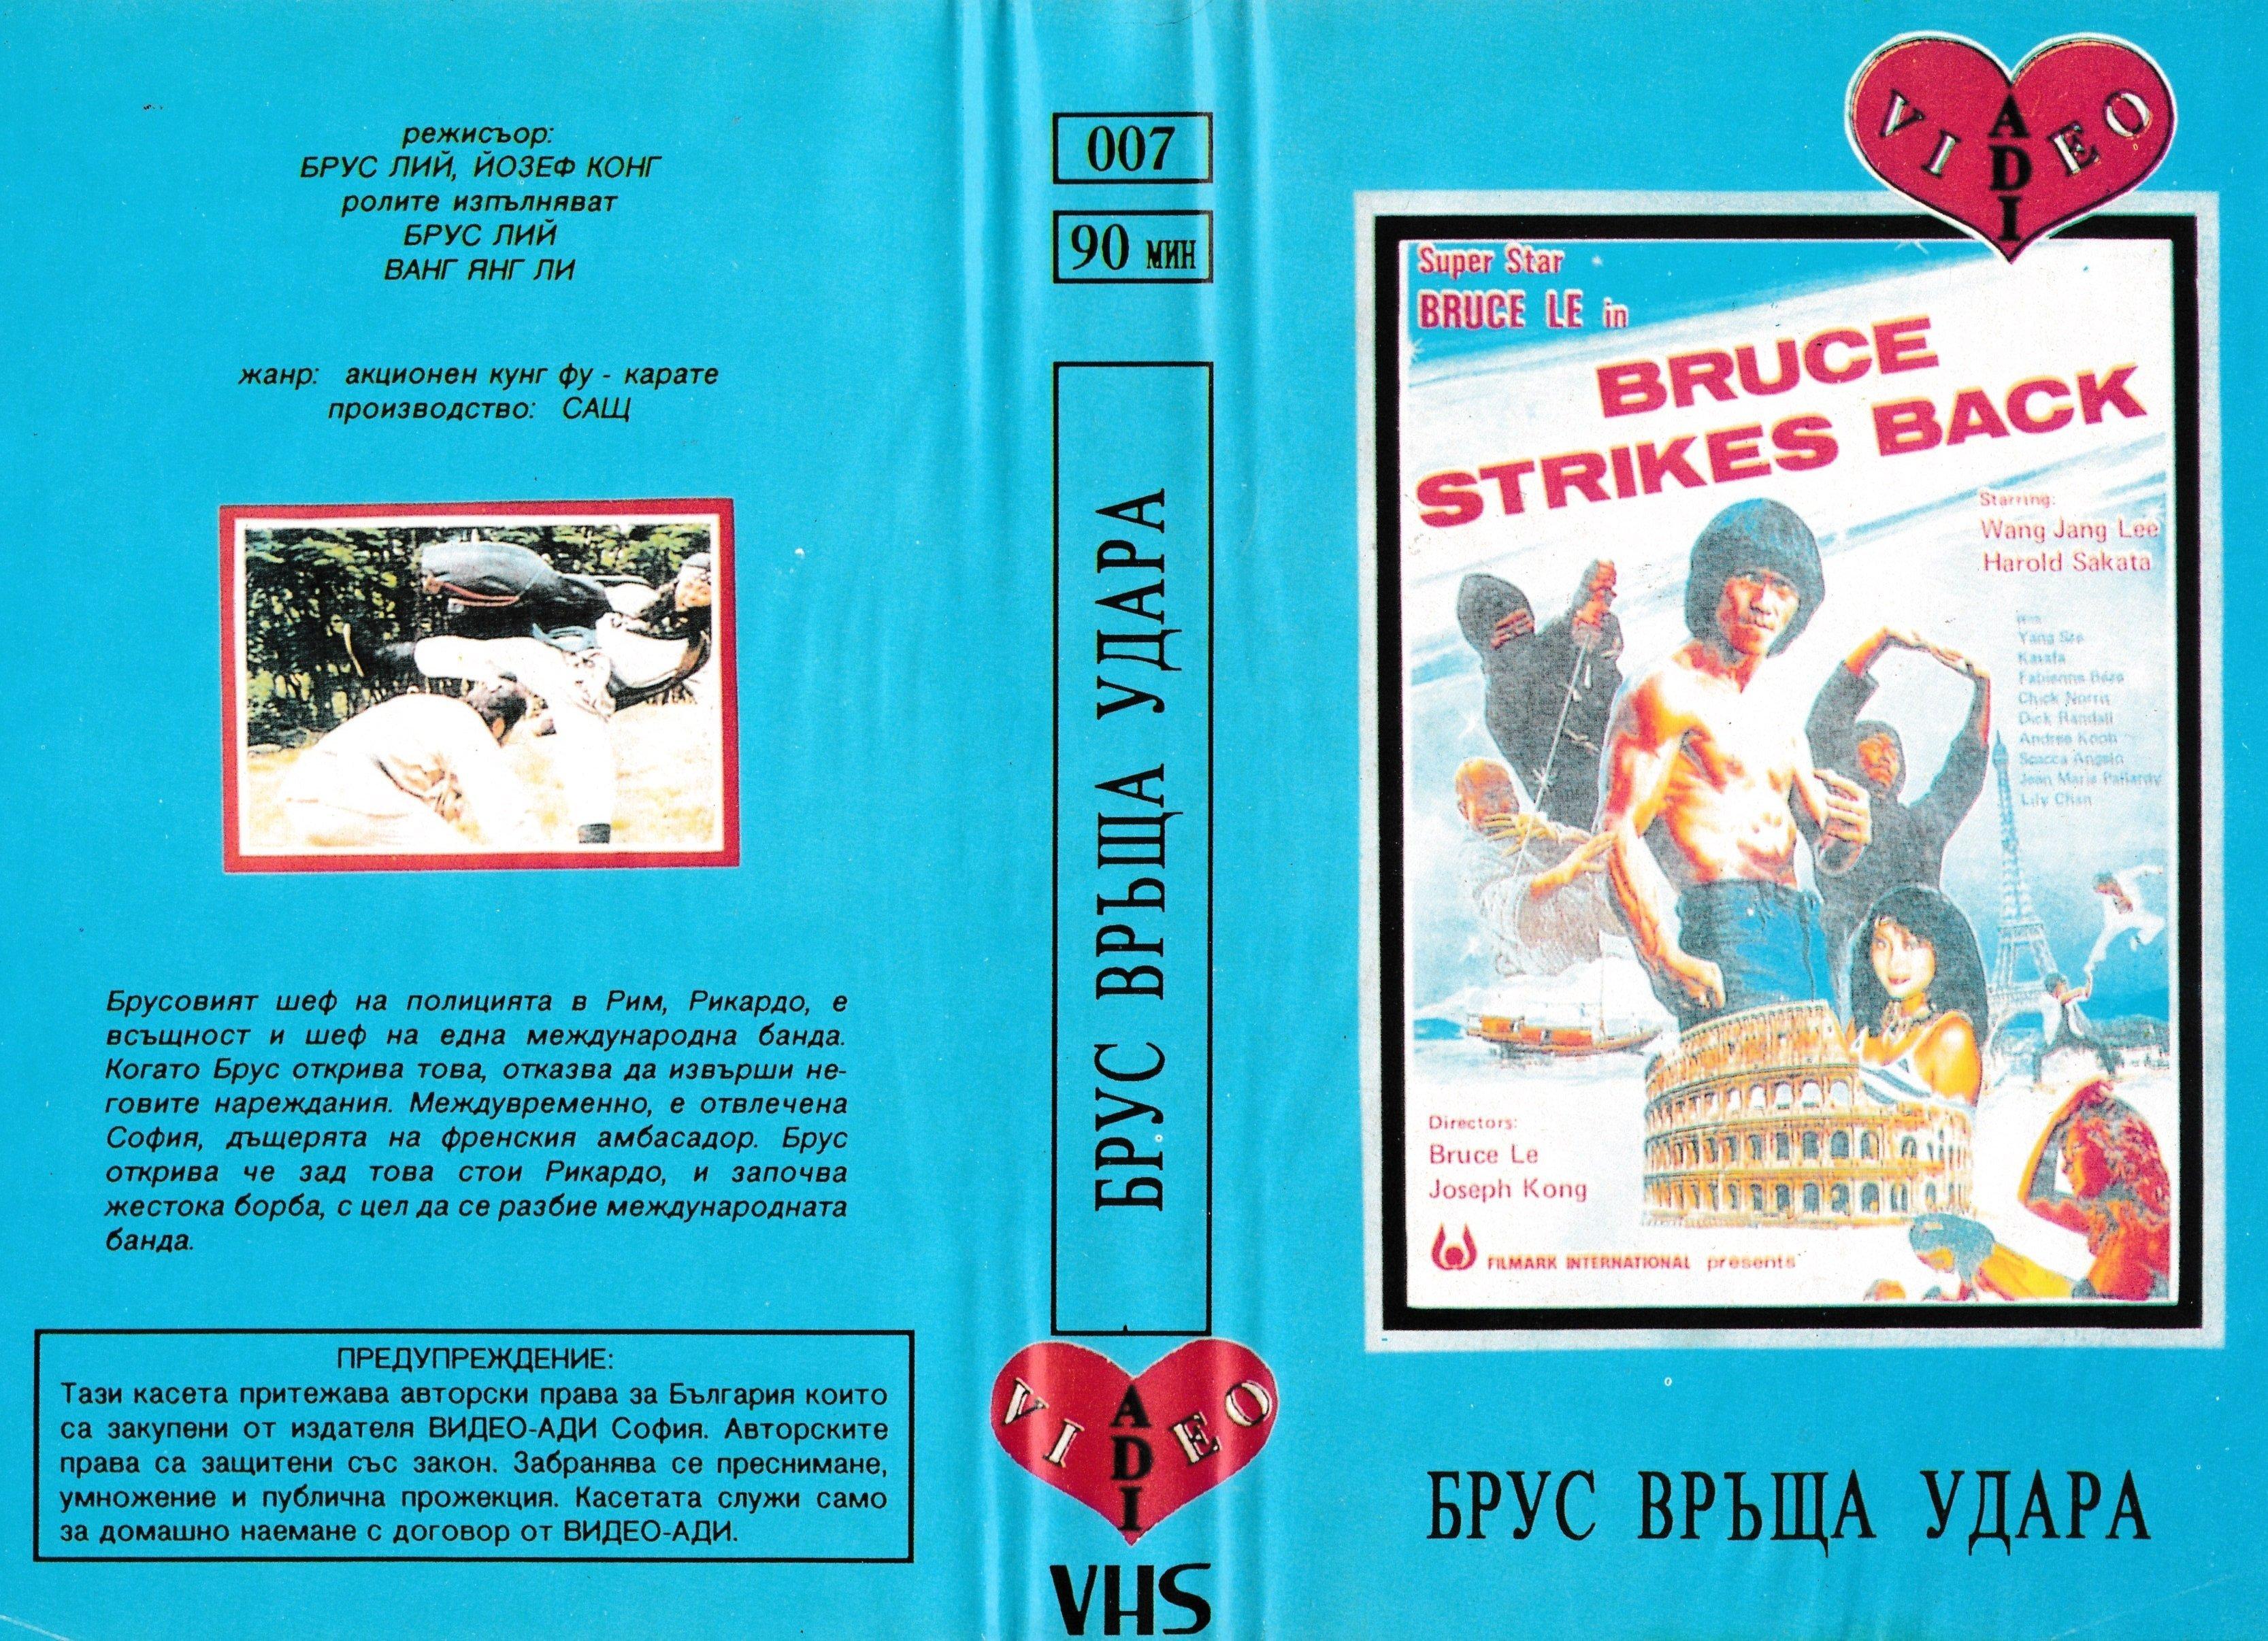 Брус връща удара филм